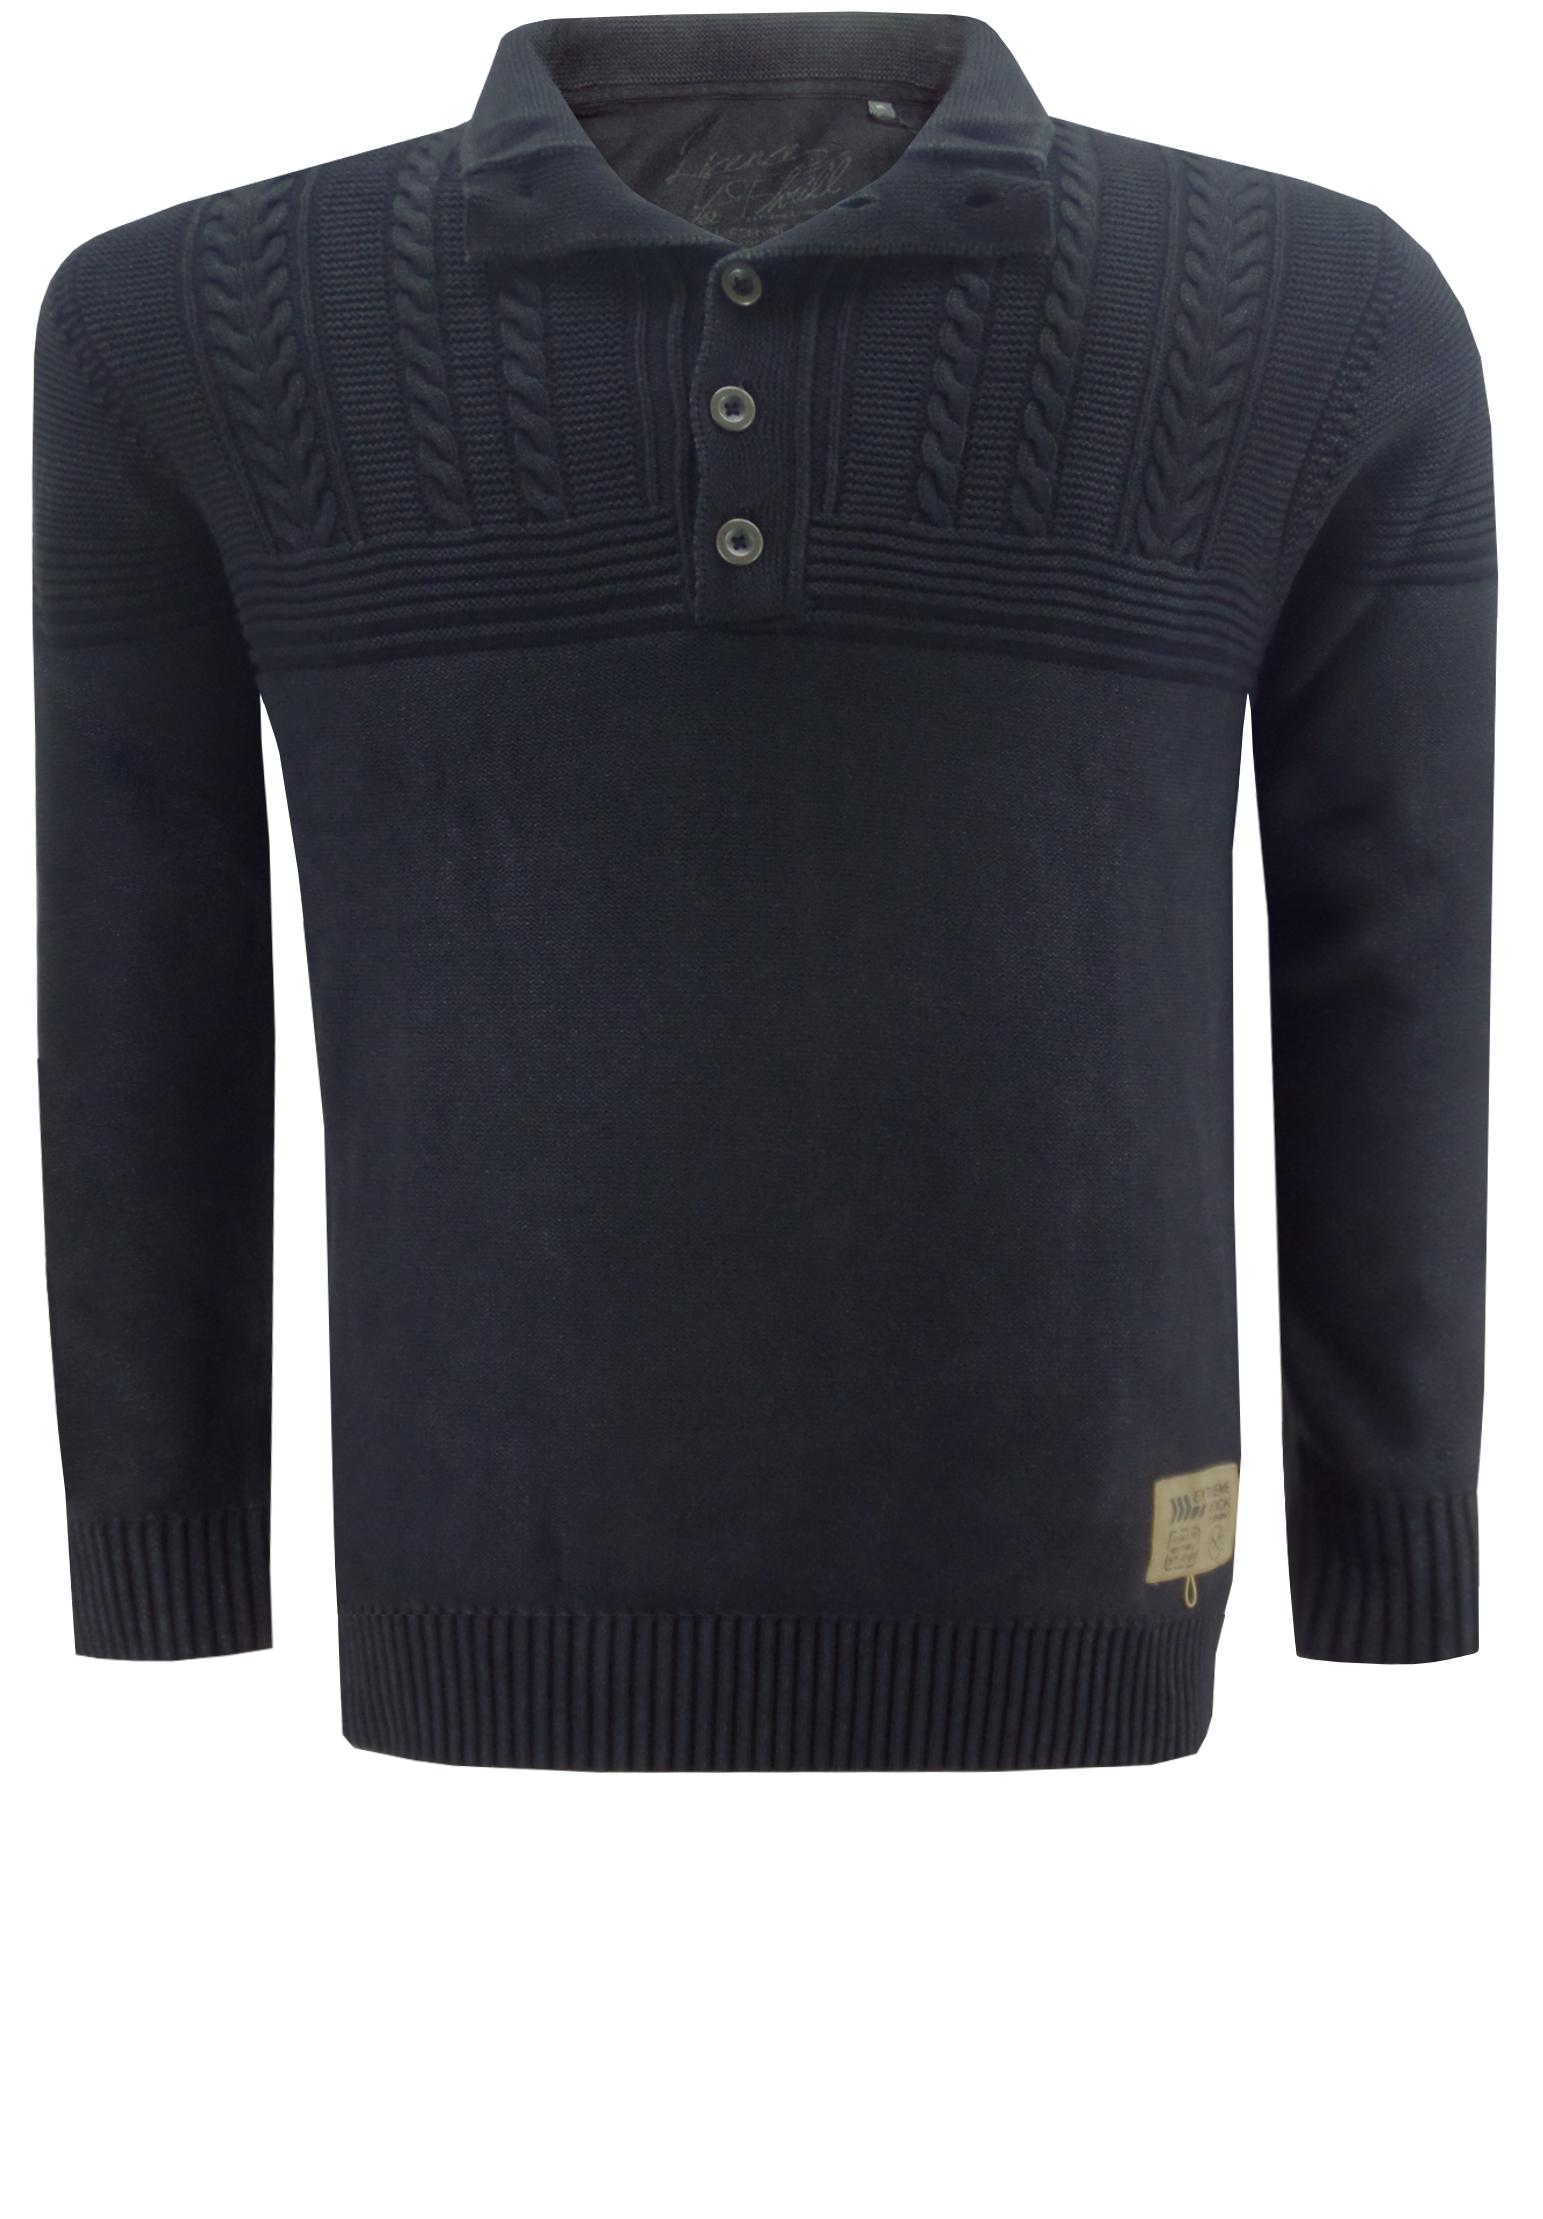 Stoere trui van Kitaro met een fijn gebreide onderkant en een grof gebreide bovenkant met kabelmotief, een 5-knooplijst aan de dubbele kraag, een embleem links aan de zoom en elastisch rib-breisel aan de boorden van de mouwen en aan de zoom.